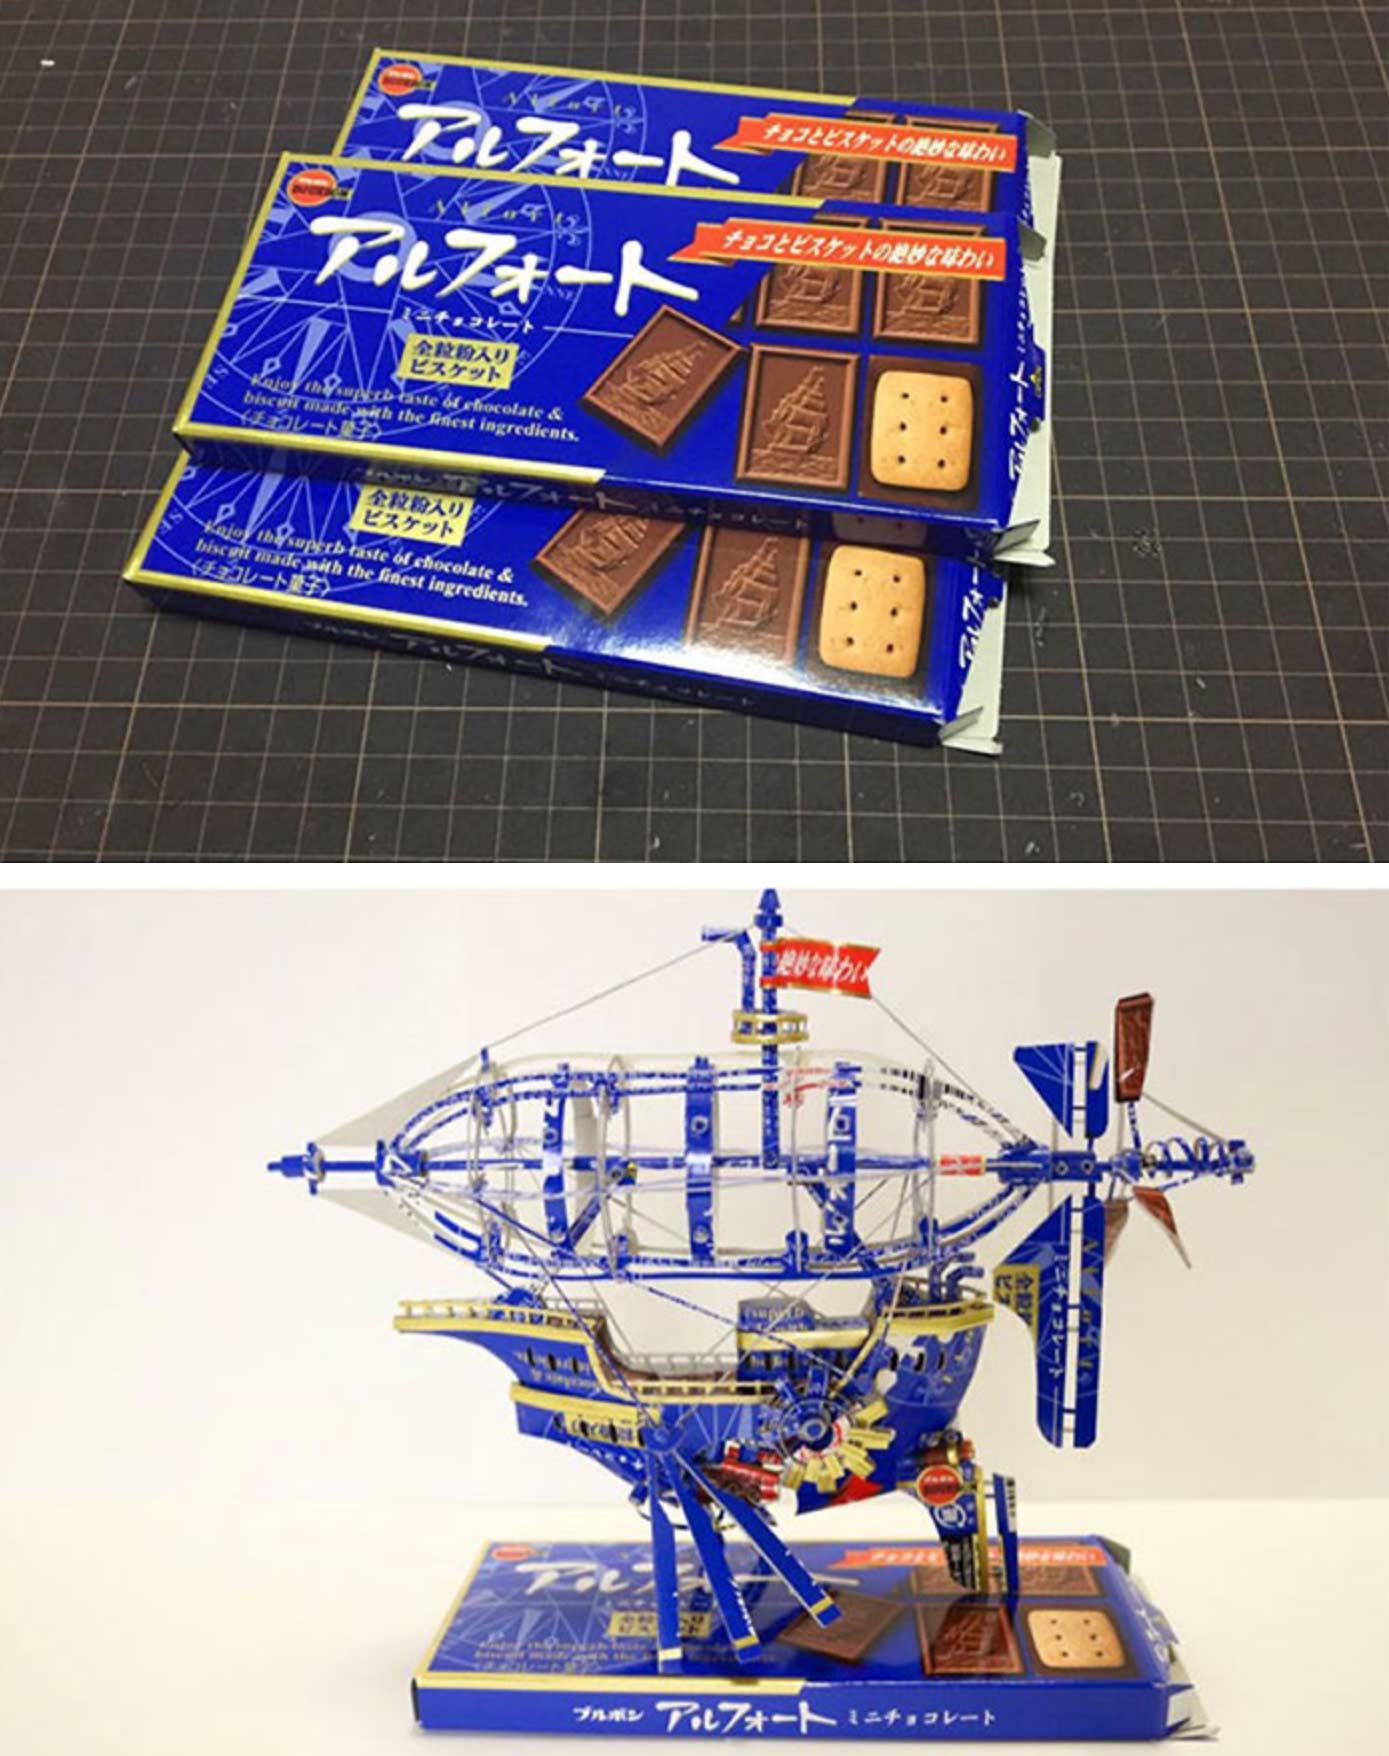 Skulpturen aus Süßigkeitenverpackungen Kirigami-von-Haruki_05